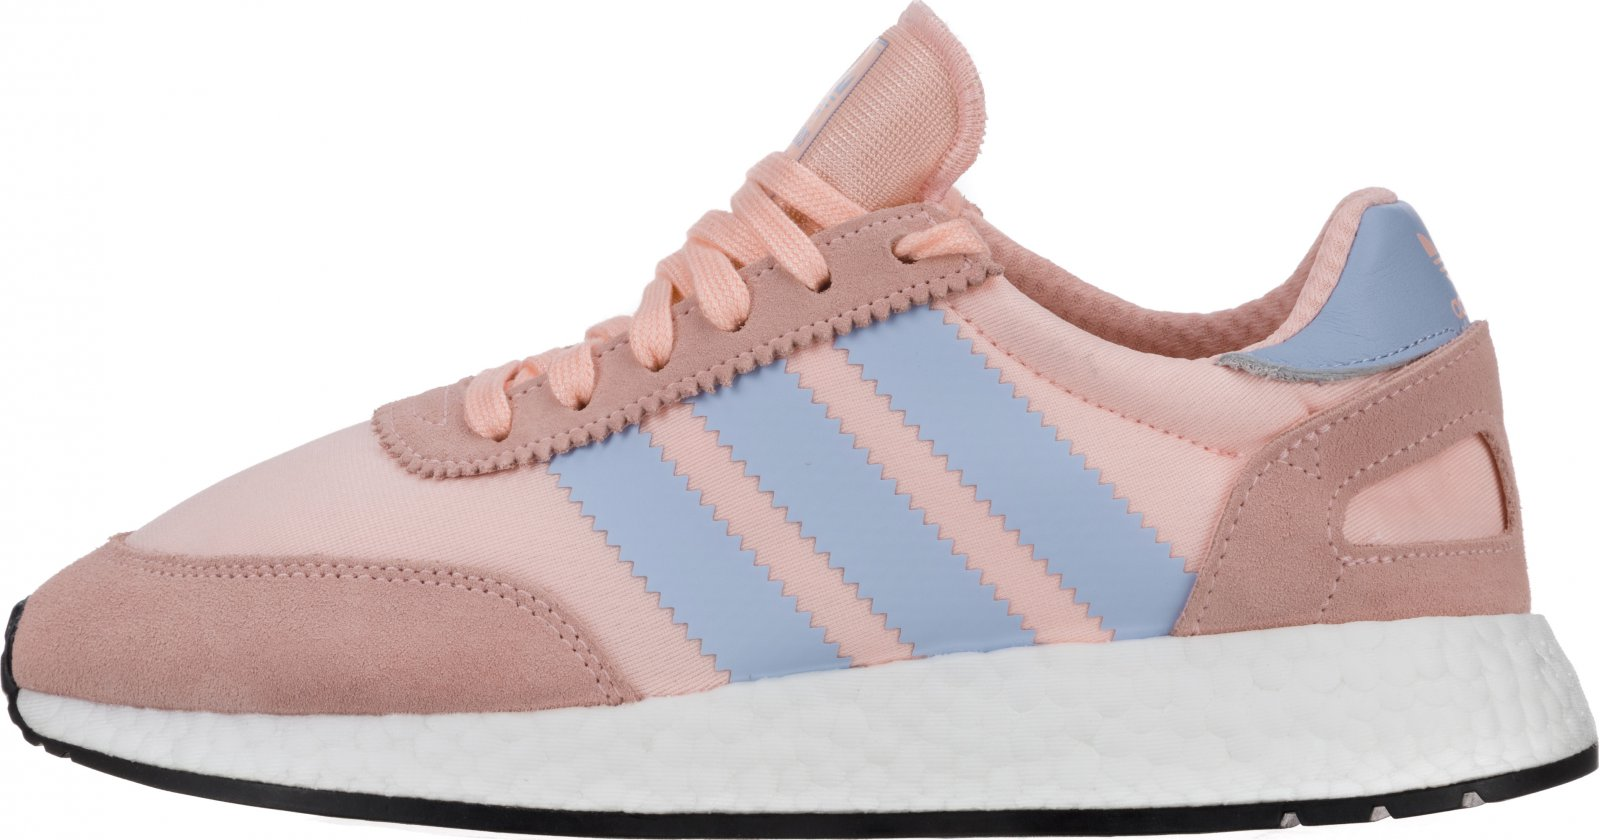 06e0f63014ea7 Adidas Originals I-5923 W oranžové od 2 690 Kč • Zboží.cz